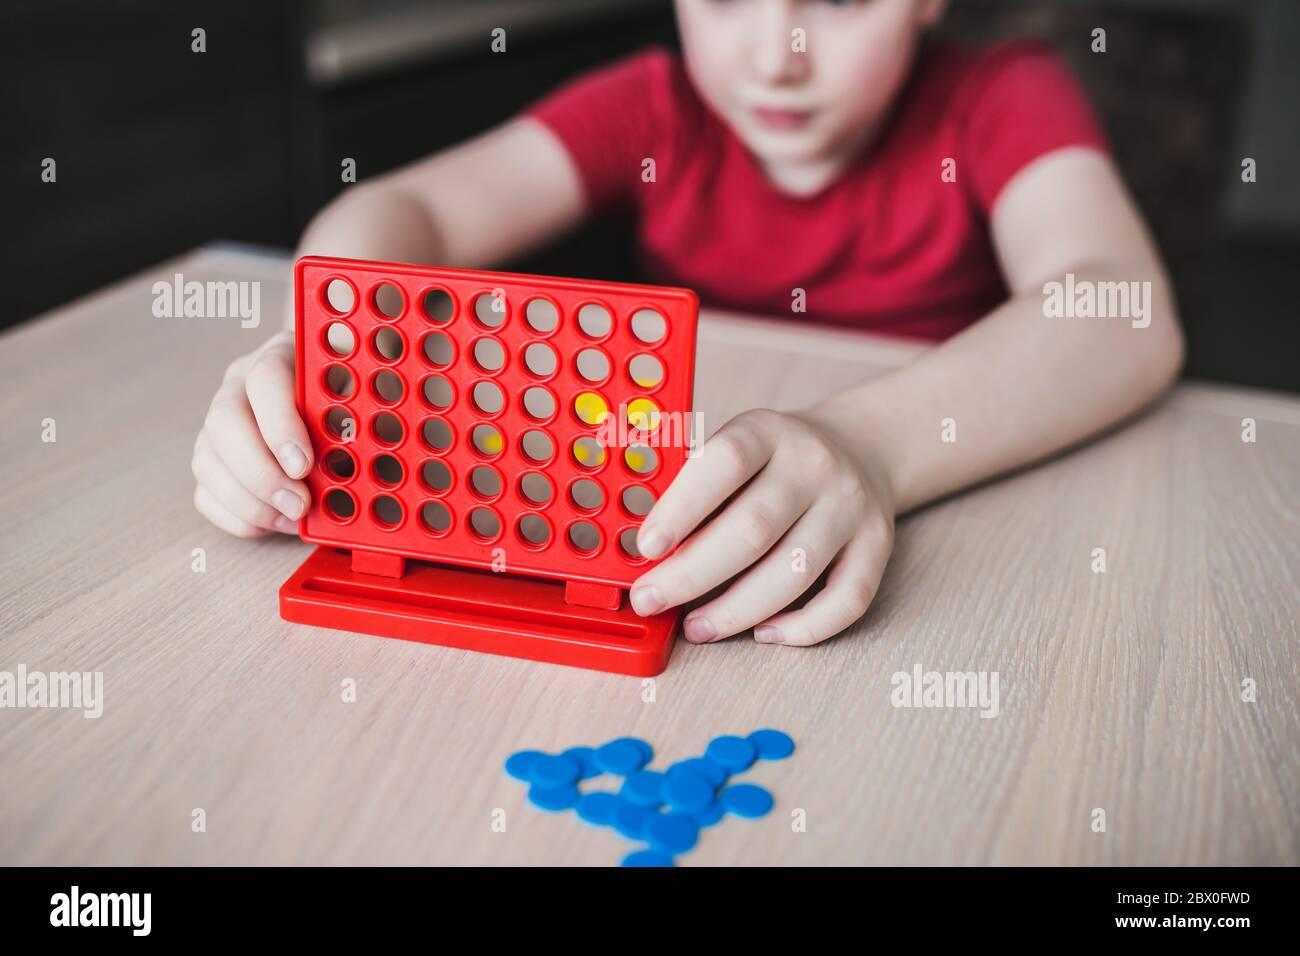 Juego de estrategia de tablero intelectual 'cuatro en una fila' - los niños juegan en la mesa Foto de stock